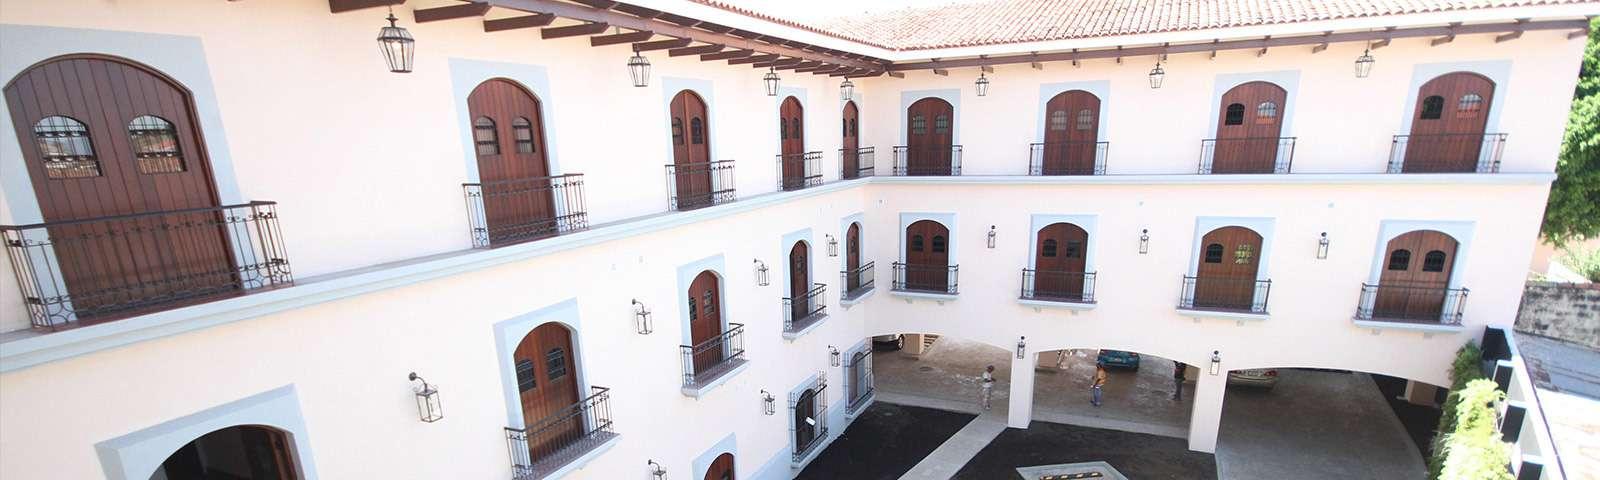 El Hotel - Hotel La Recolección